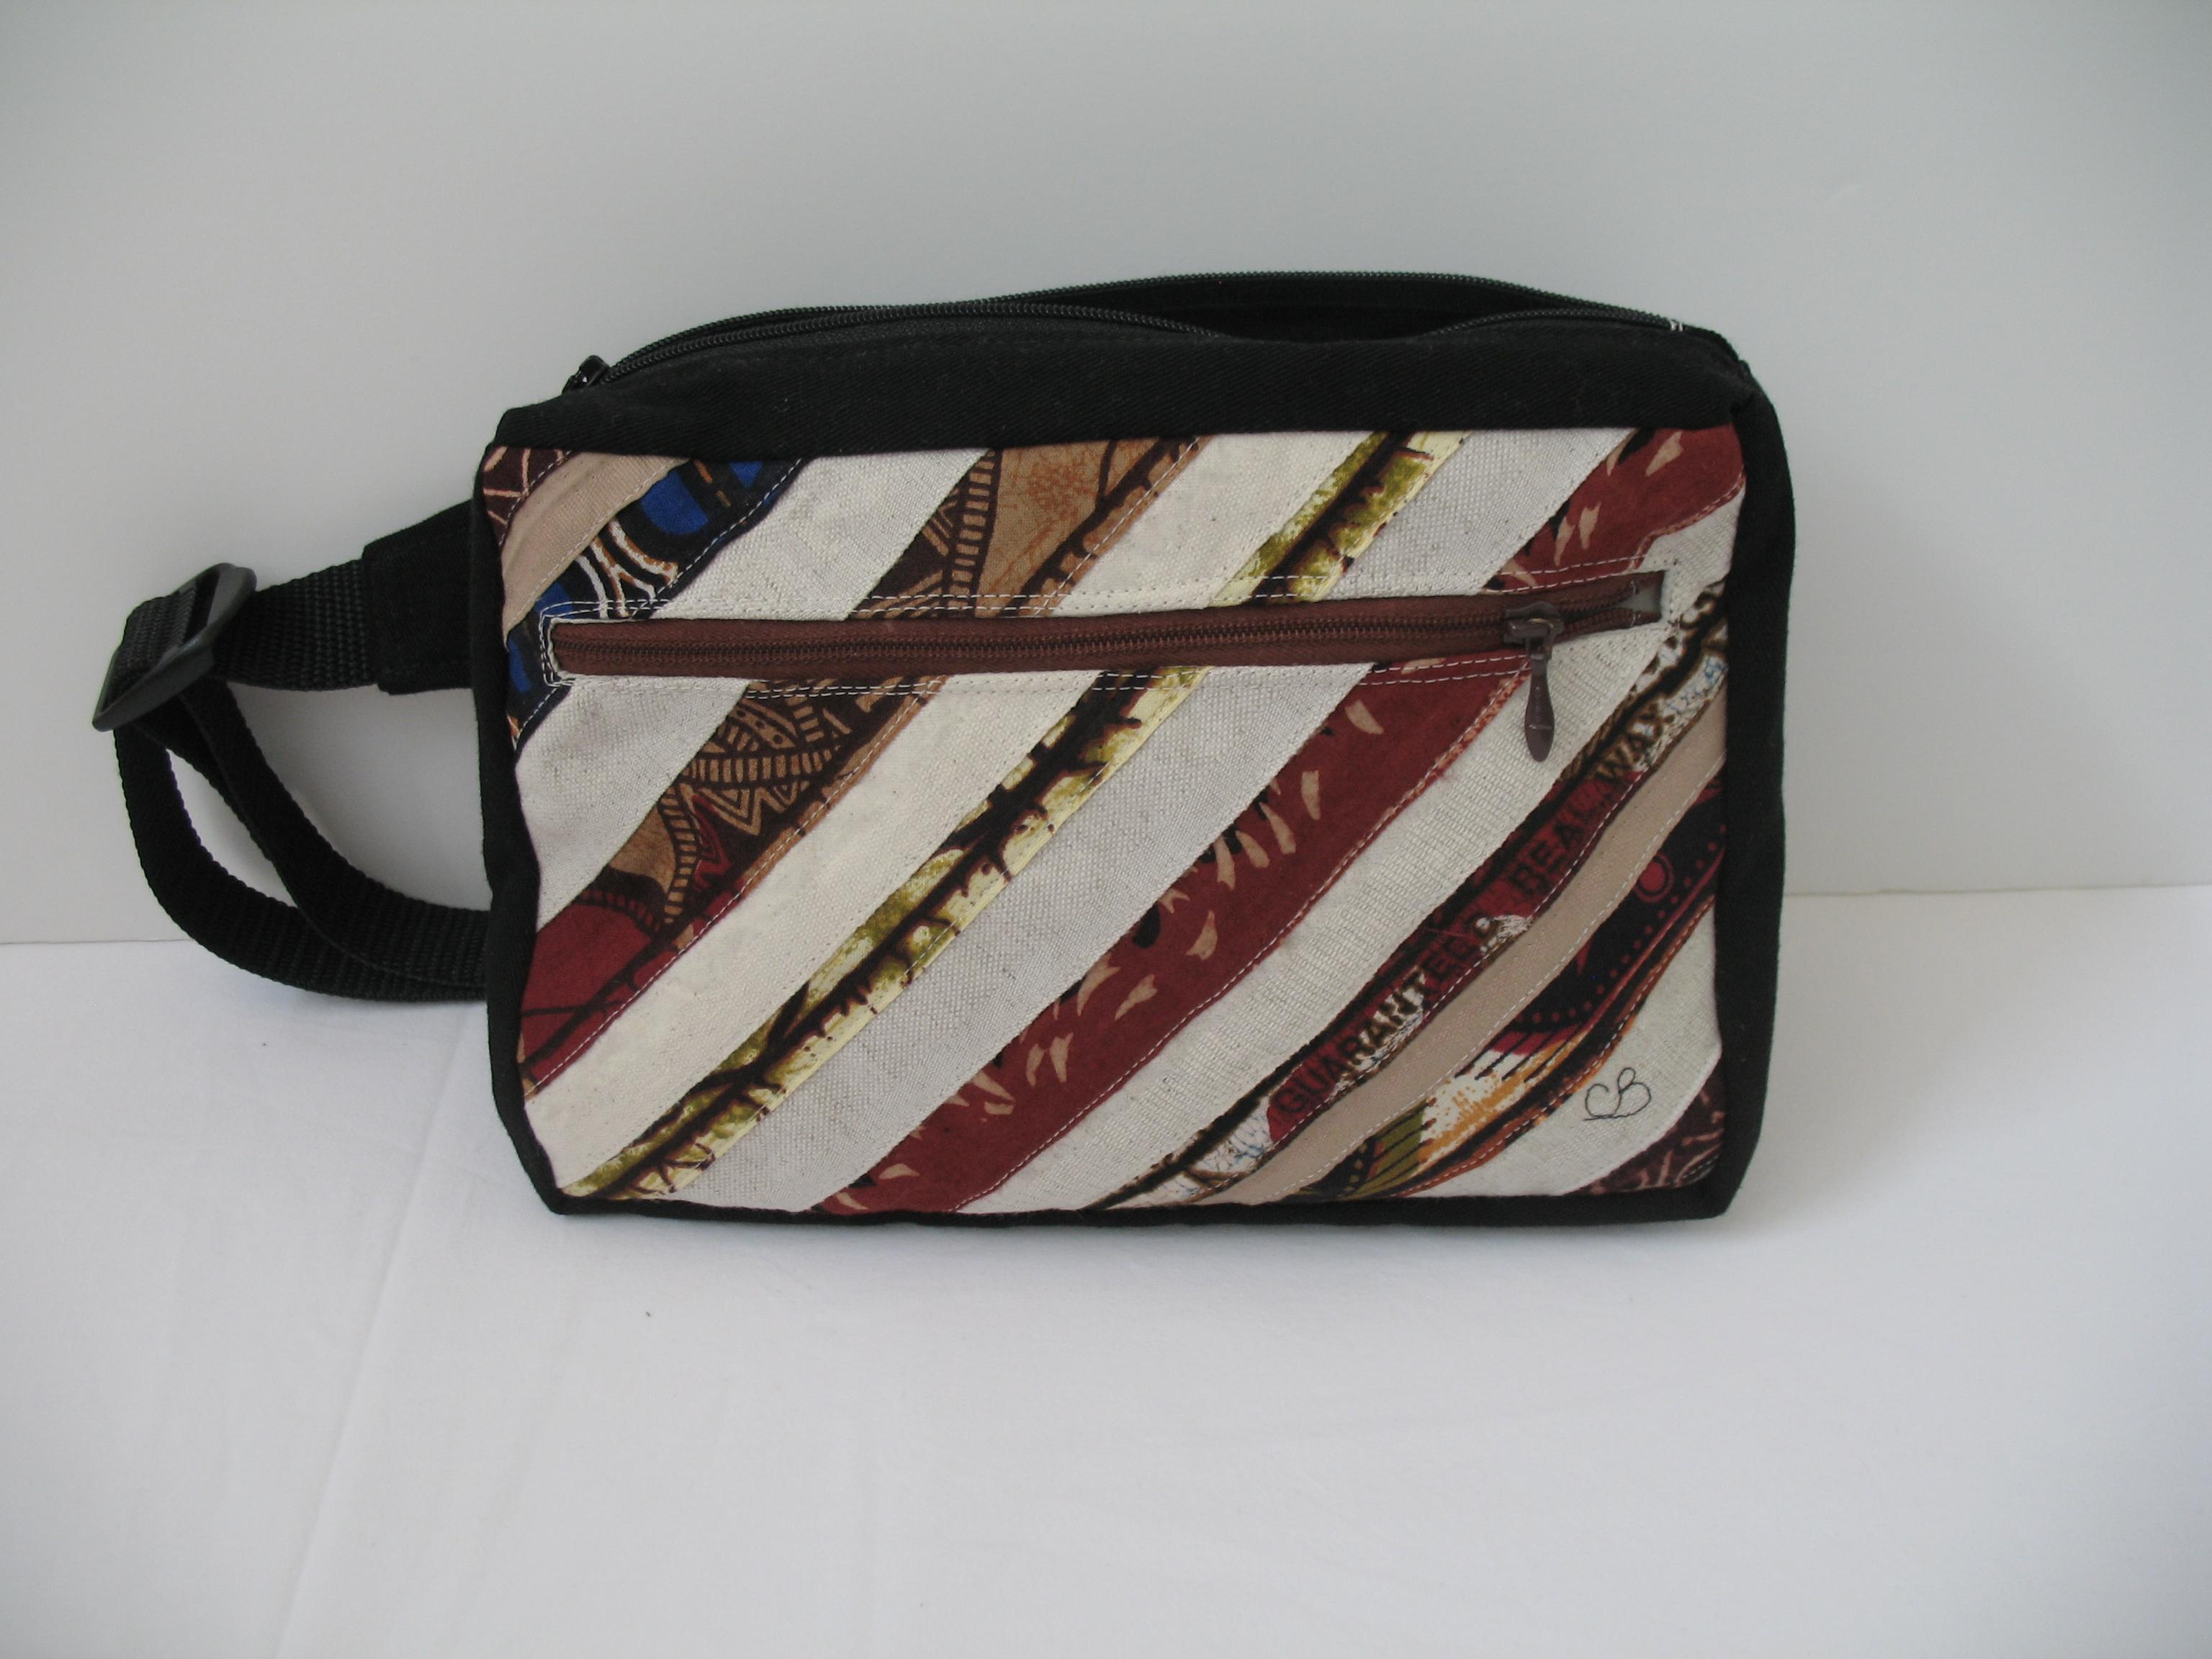 Pochette ceinture - Ref.60526